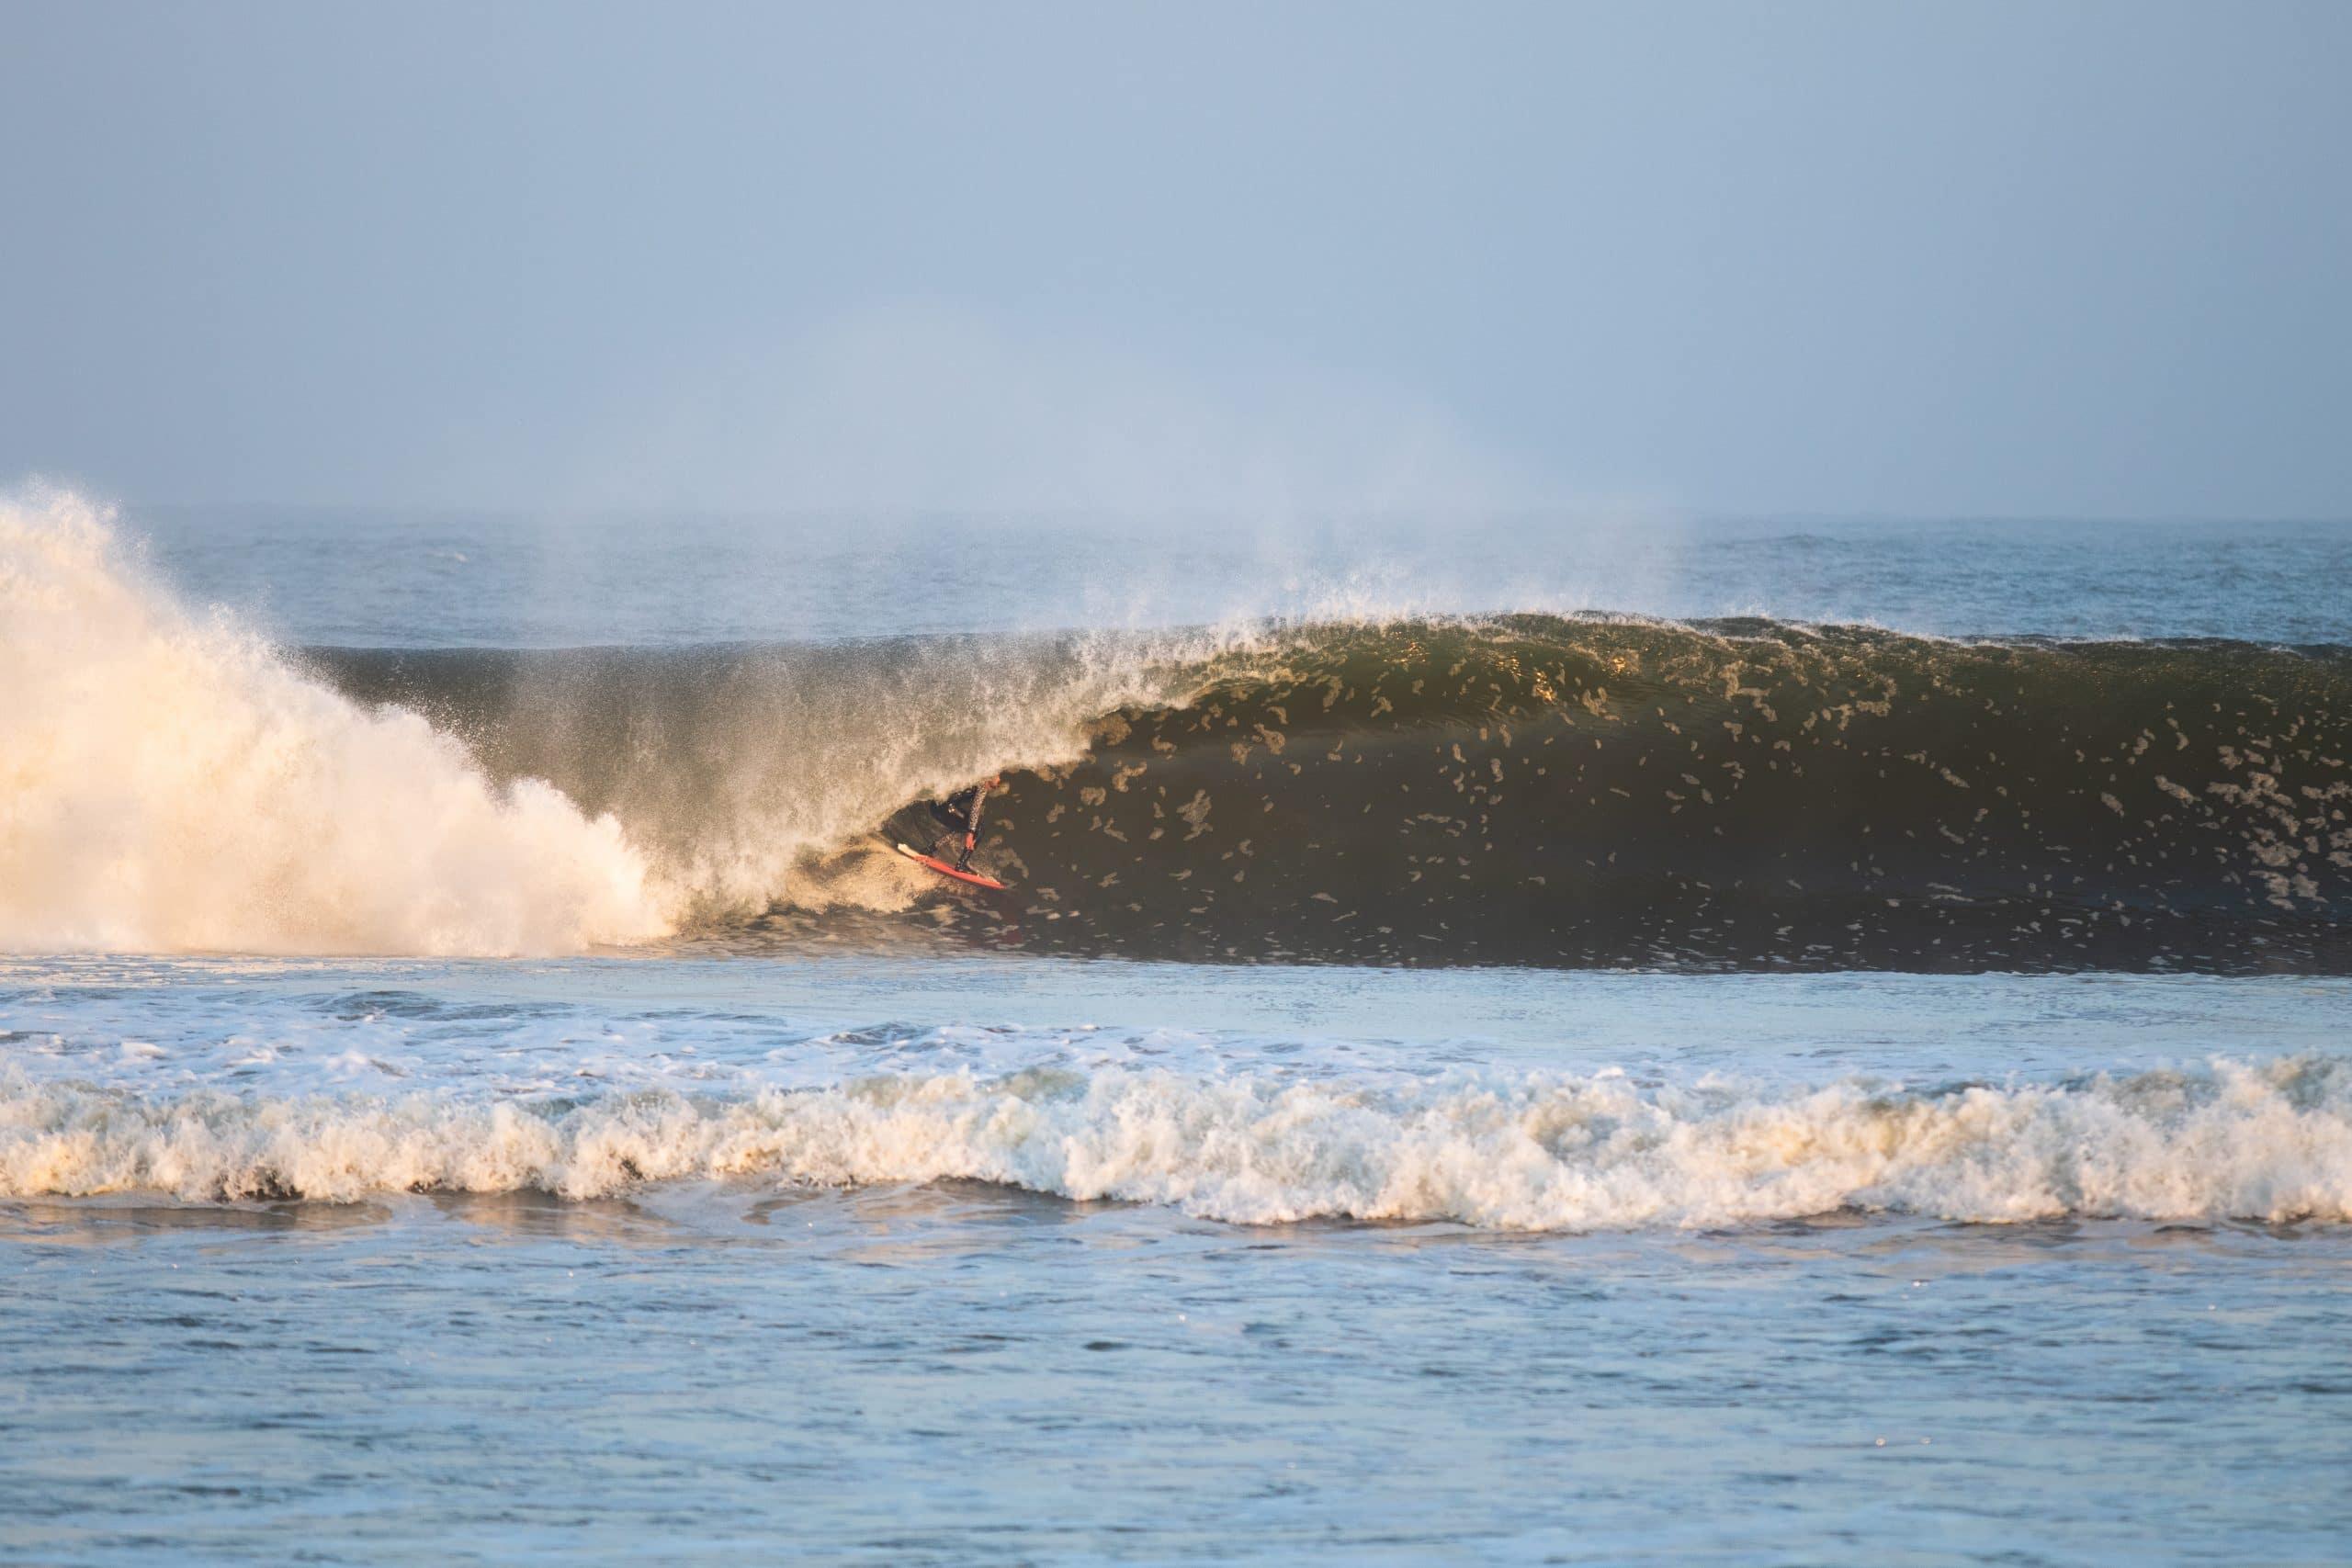 Skeleton Bay Namibia Surfing